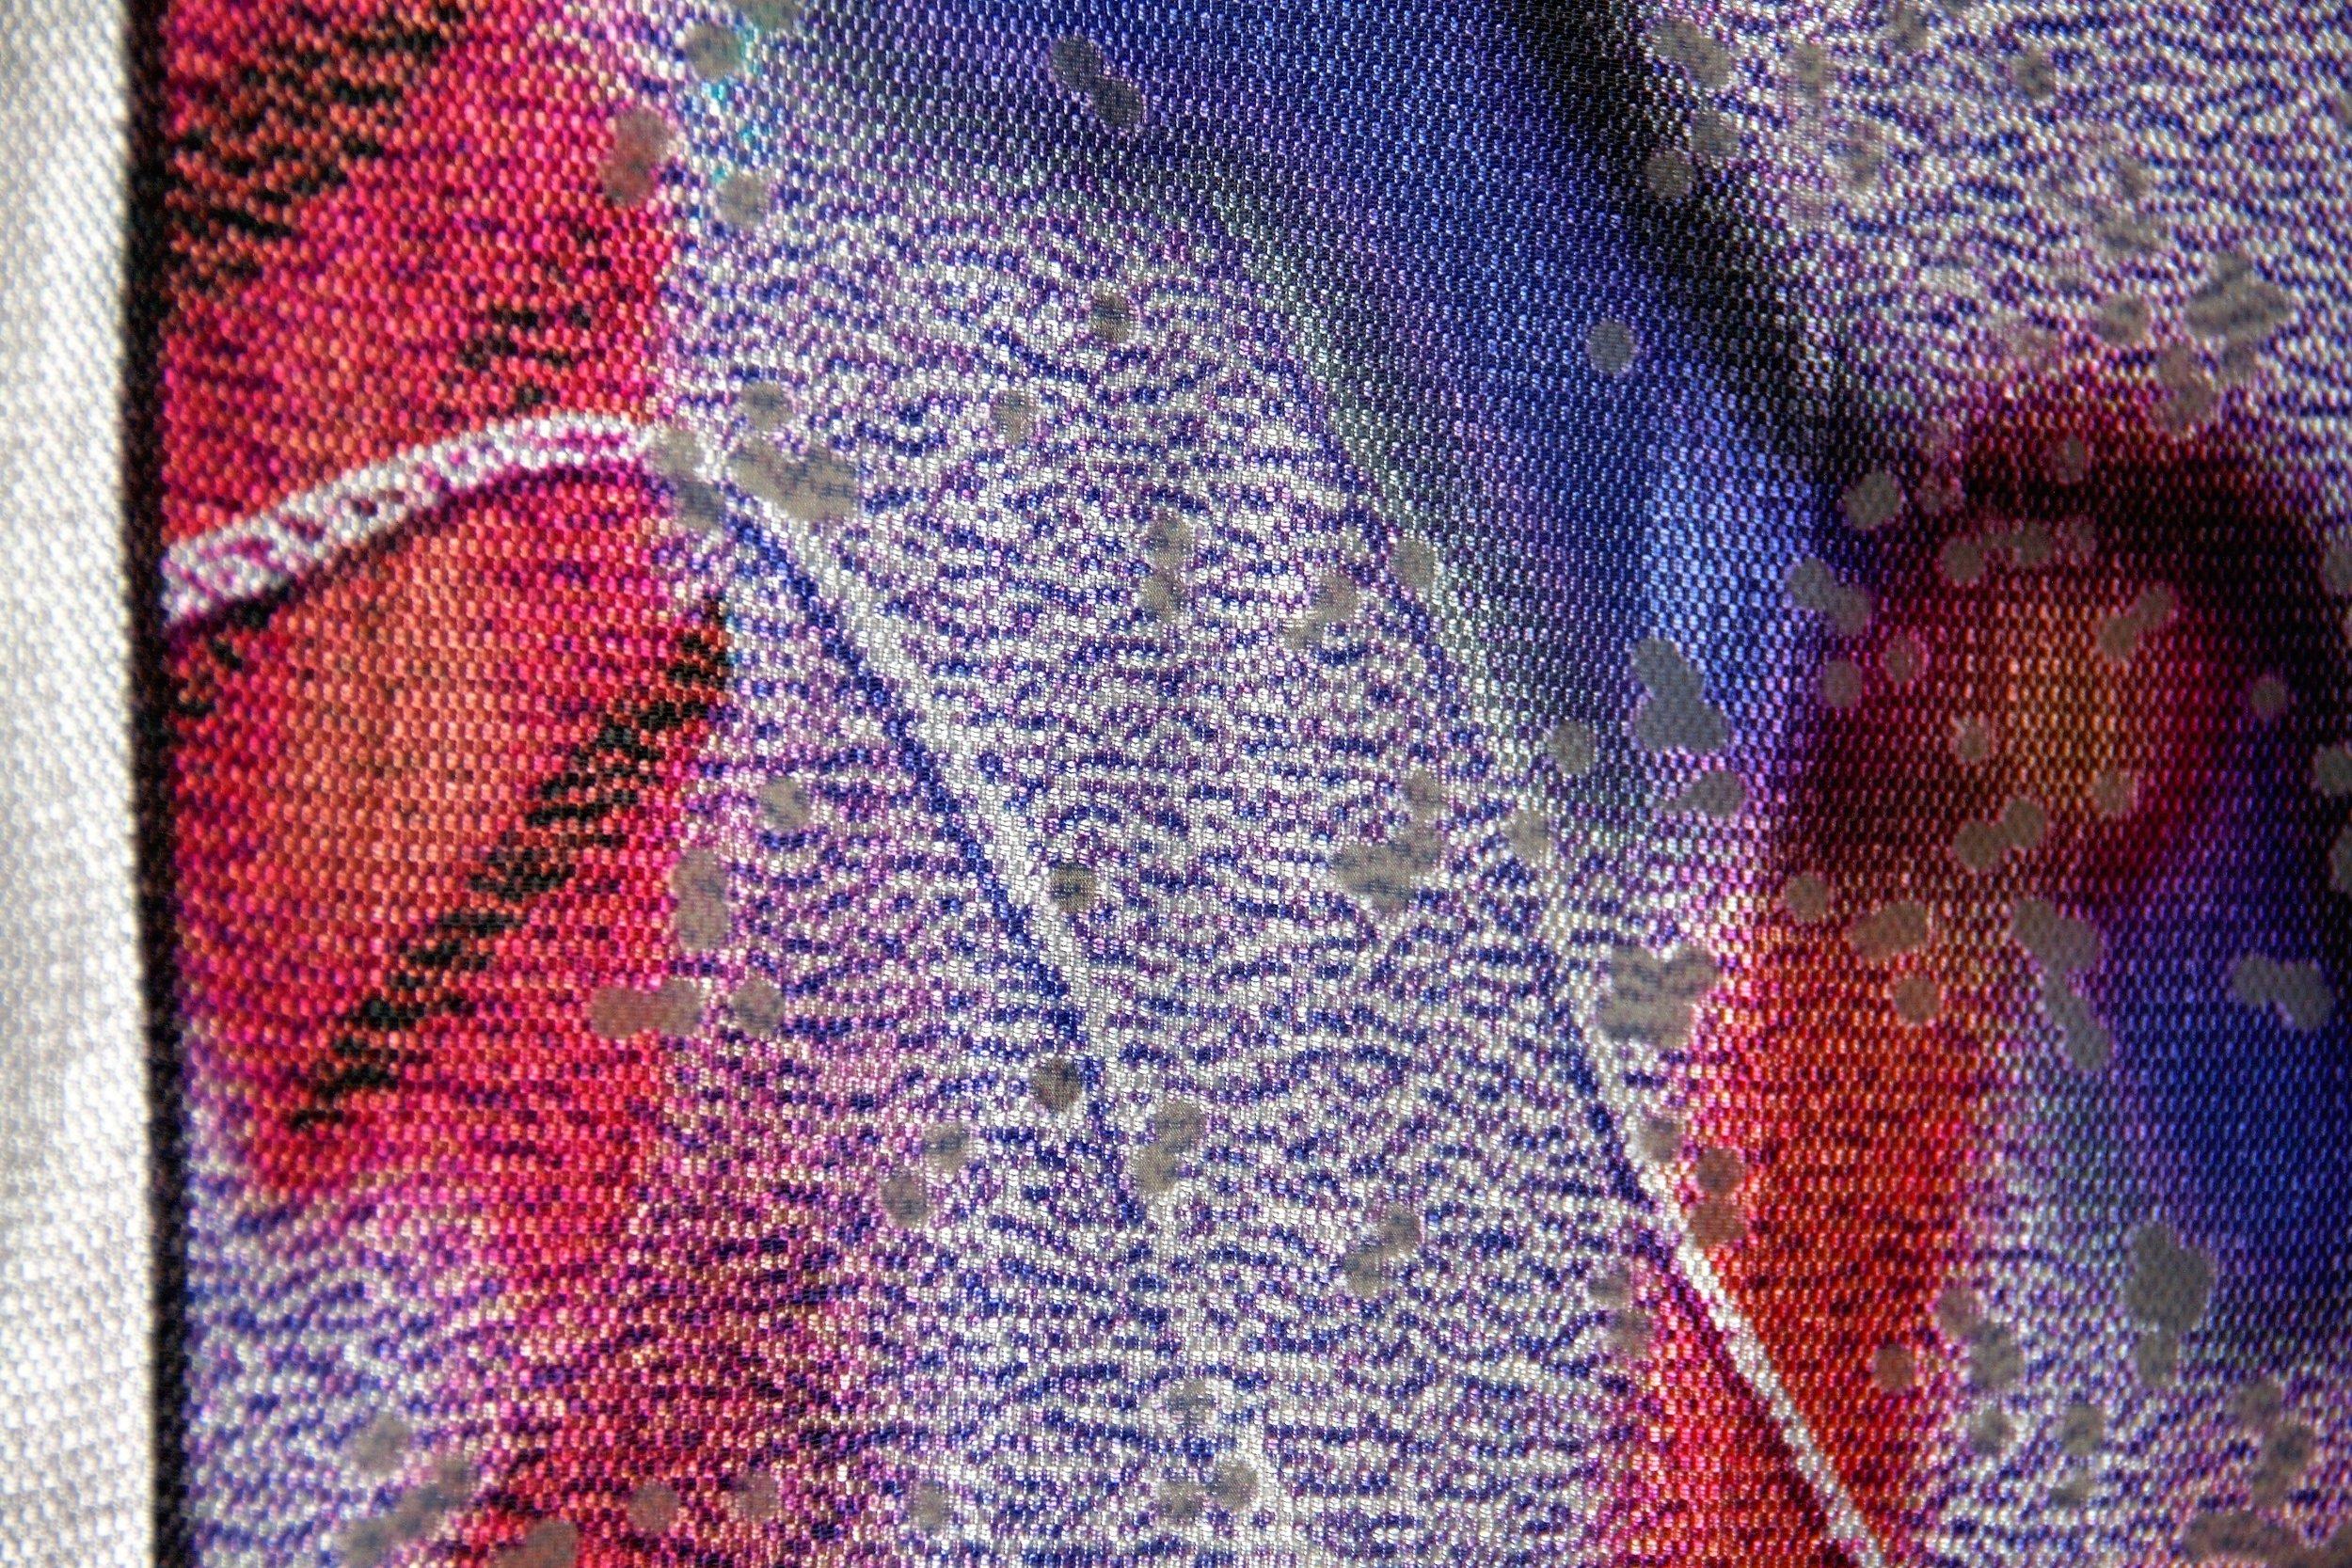 Emilie Carlsen,  Digital Realism - Pink  (detail), 2015. Digital print and analog printing on viscose silk in steel frame.